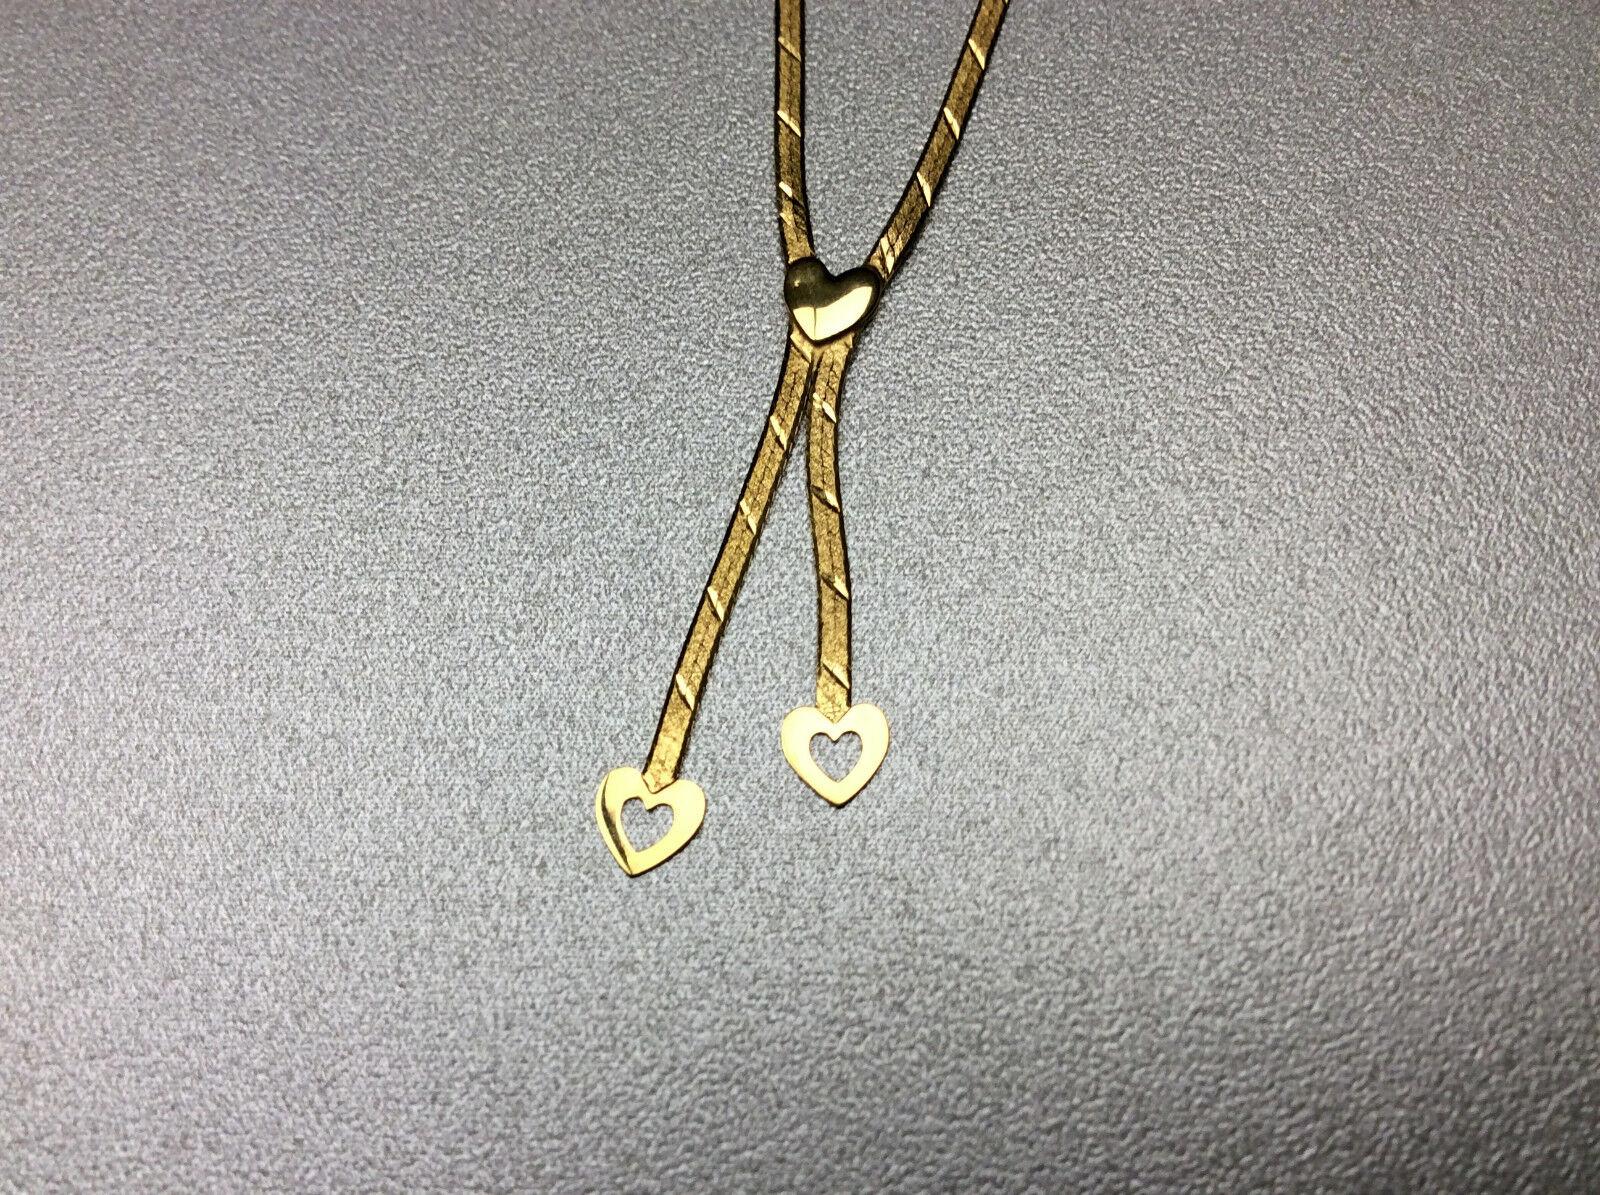 goldkette 333er gold  2 Herzen - Länge 43cm  2,7 Gramm Gewicht